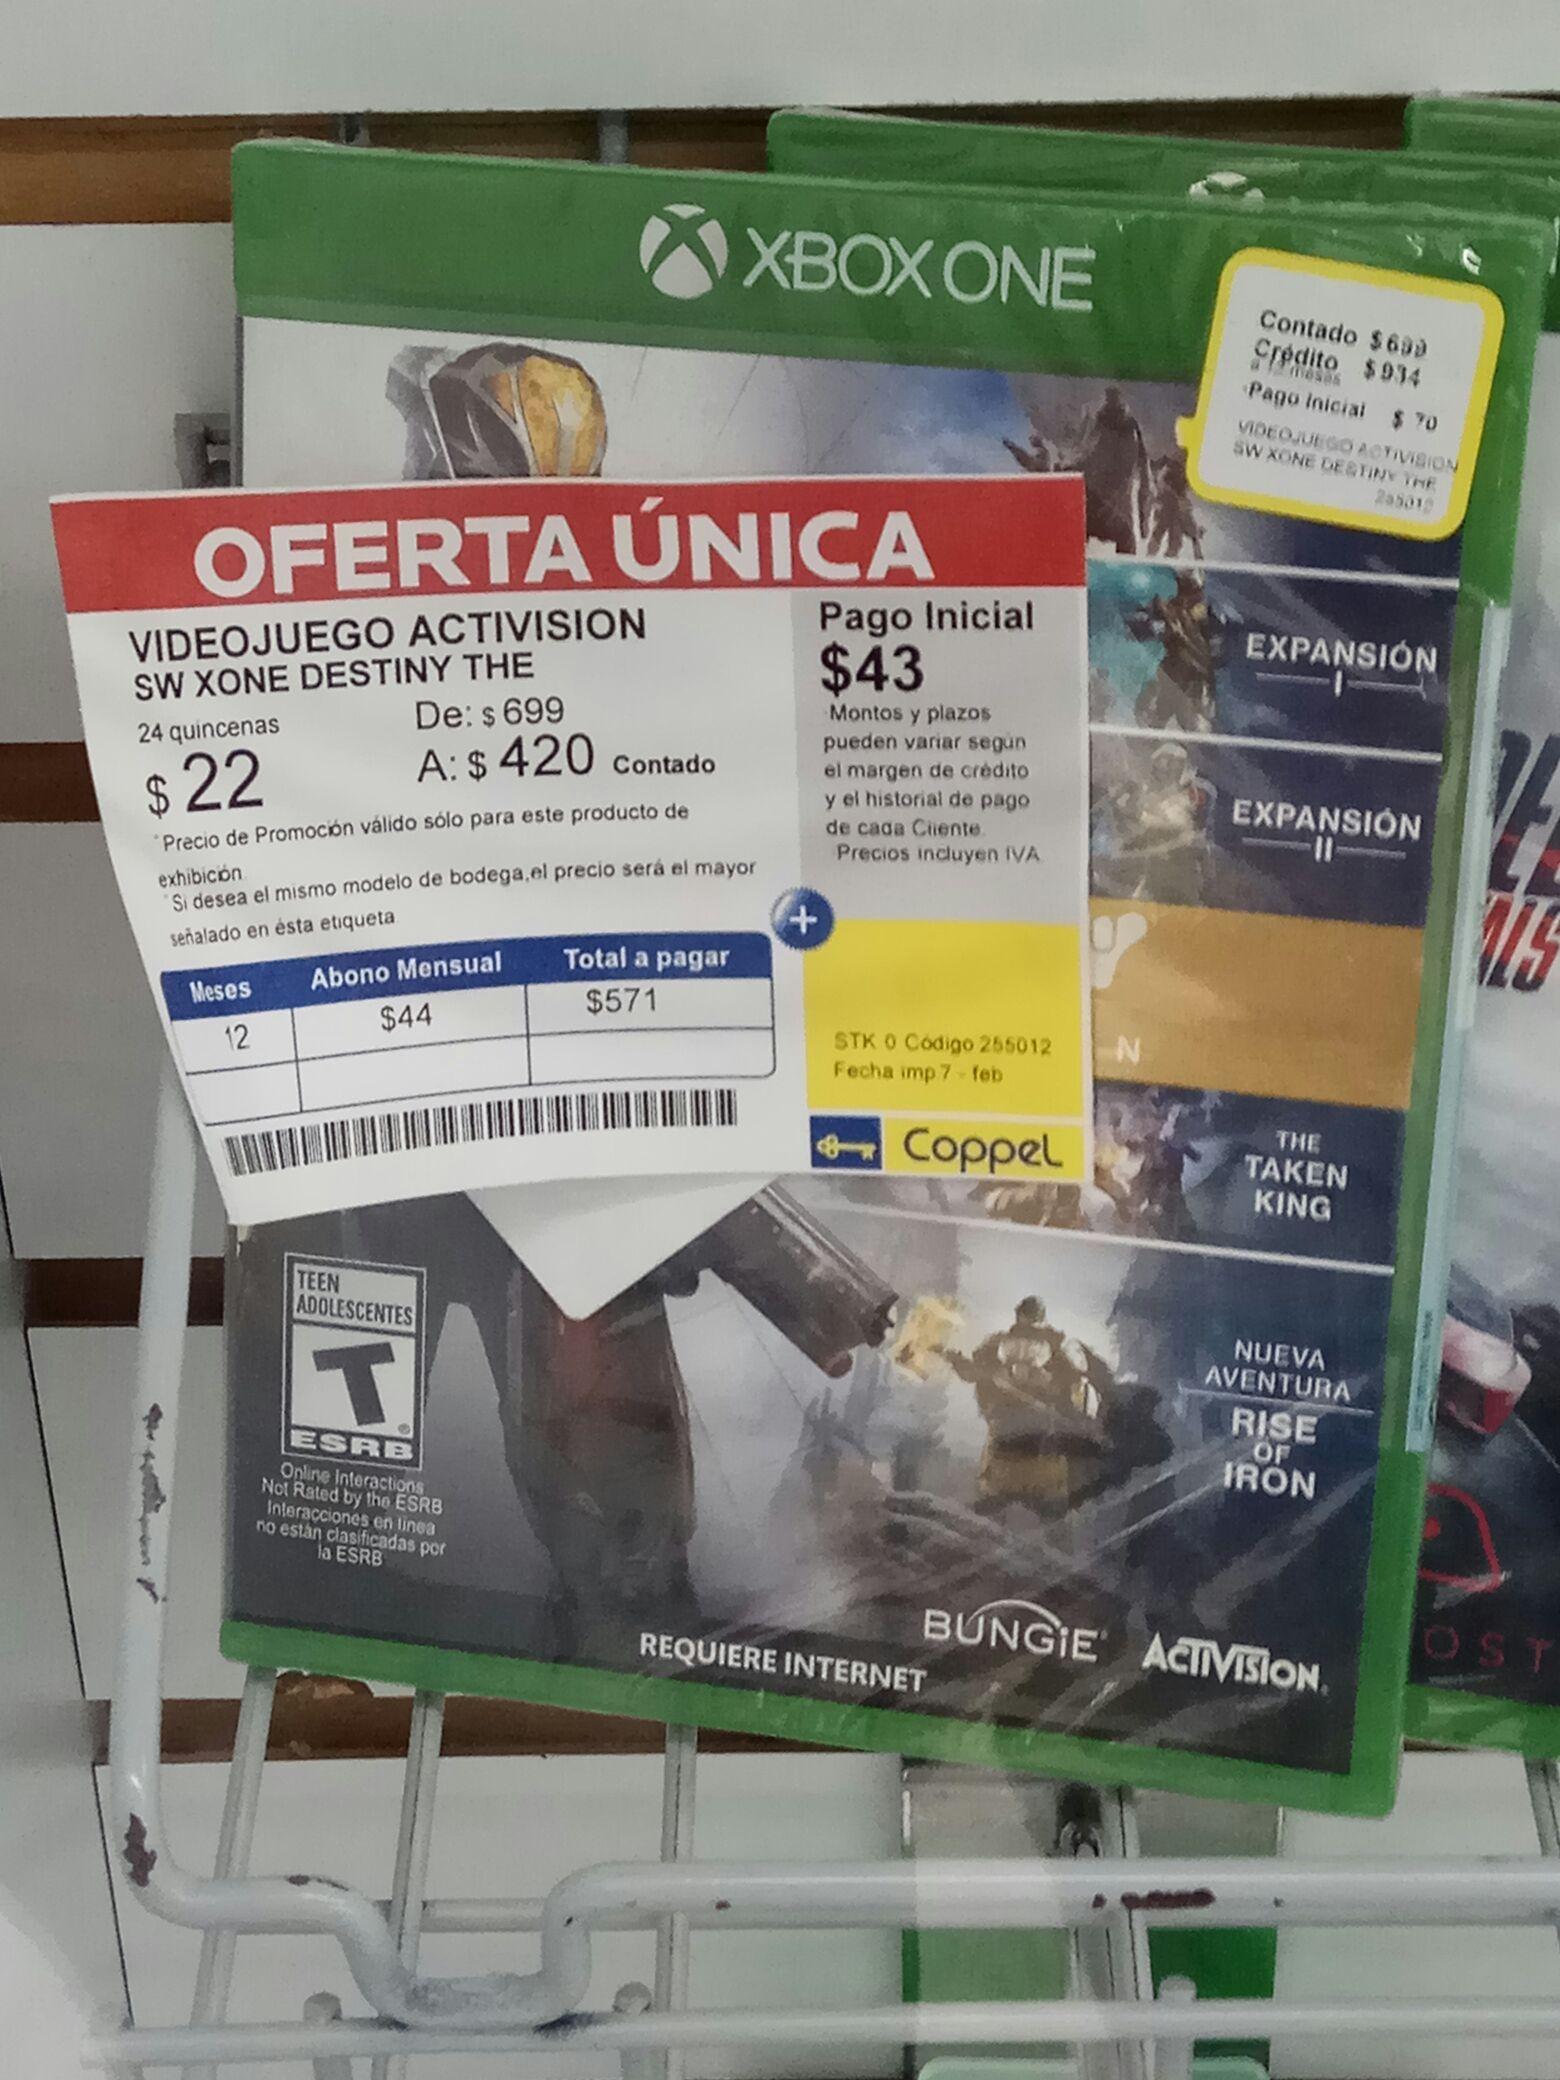 Coppel: Xbox One Destiny